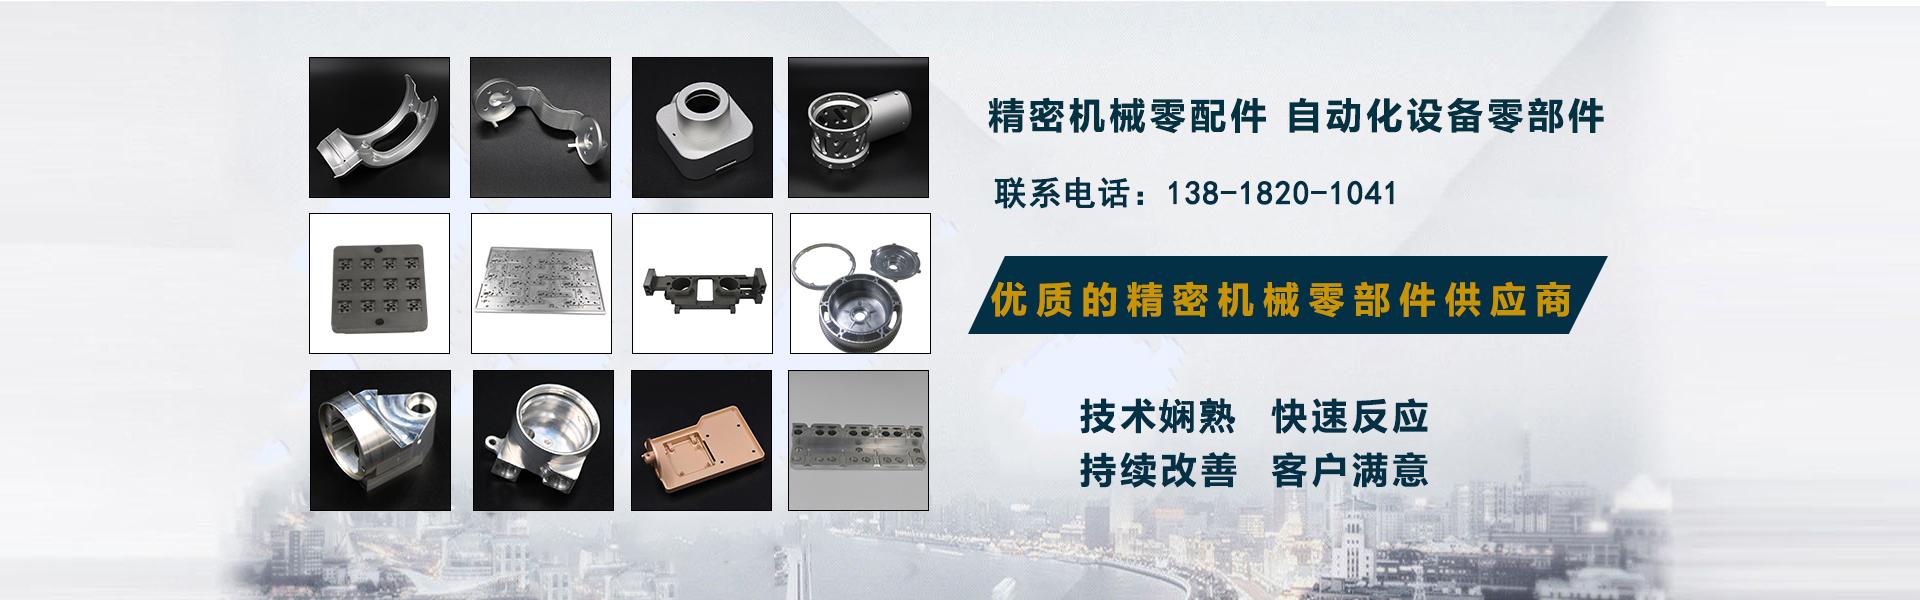 上海五轴数控加工